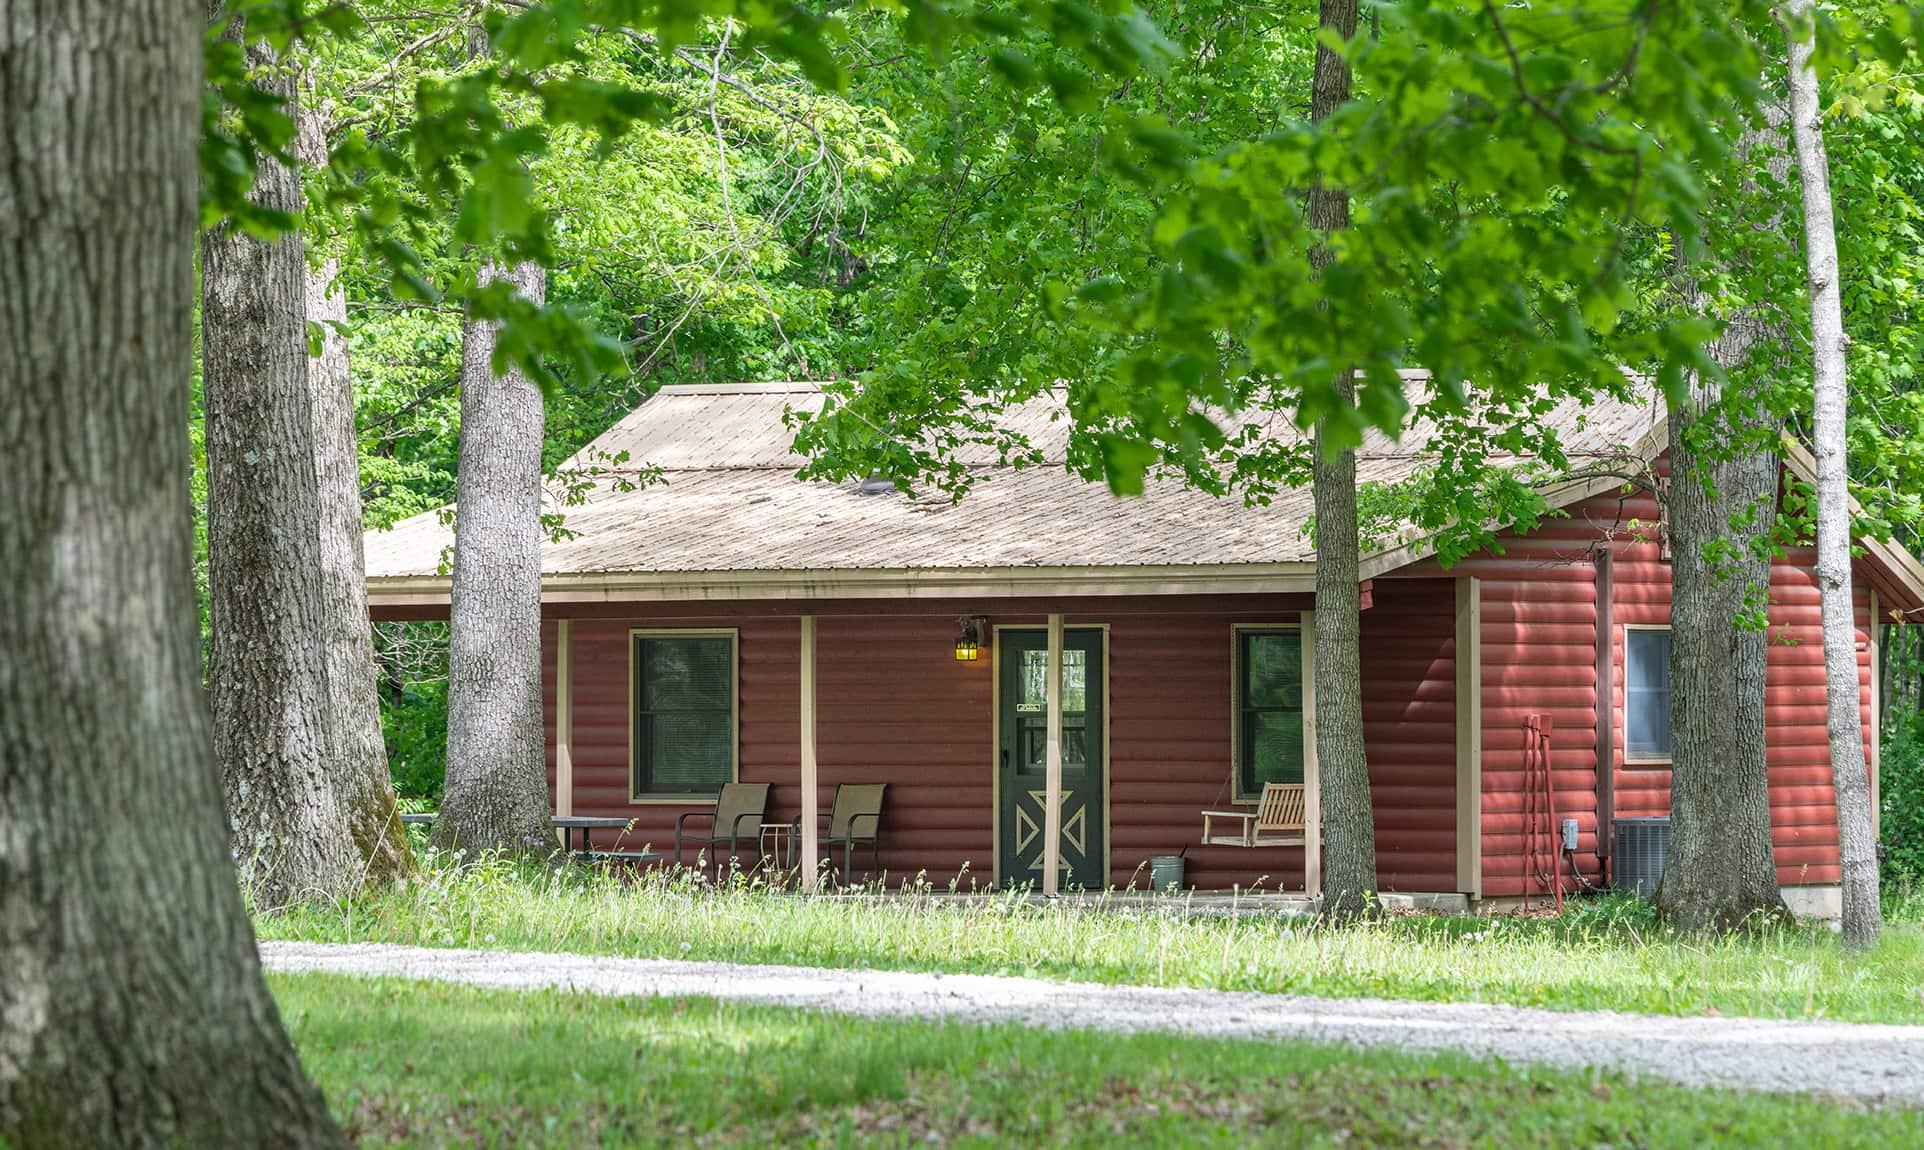 Apache Cabin exterior - a rustic Illinois cabin